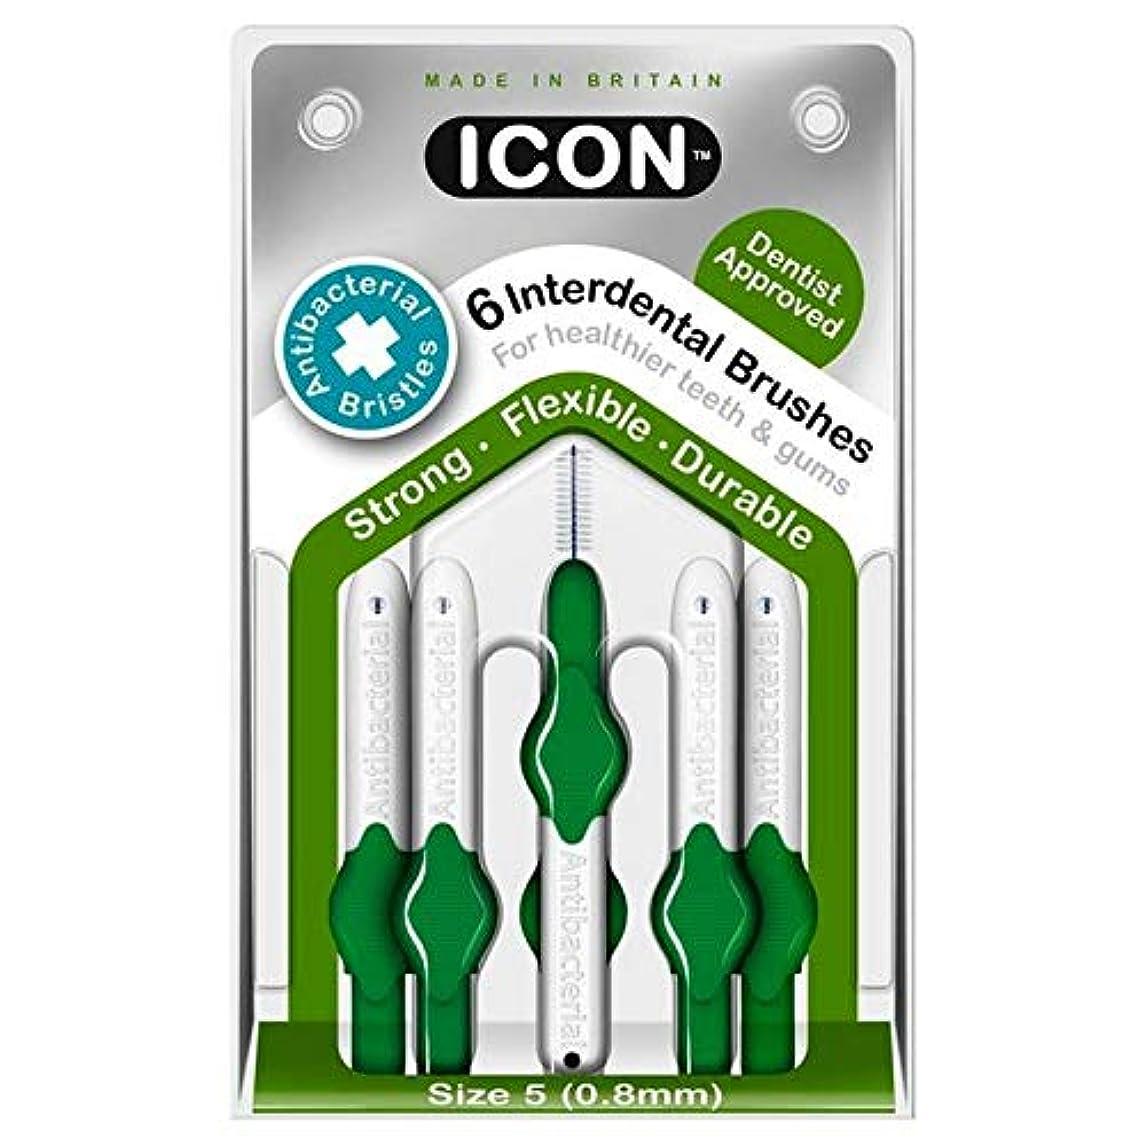 むちゃくちゃ与える一過性[Icon ] アイコンの歯間には、パックあたり0.8ミリメートル6ブラシ - Icon Interdental Brushes 0.8mm 6 per pack [並行輸入品]